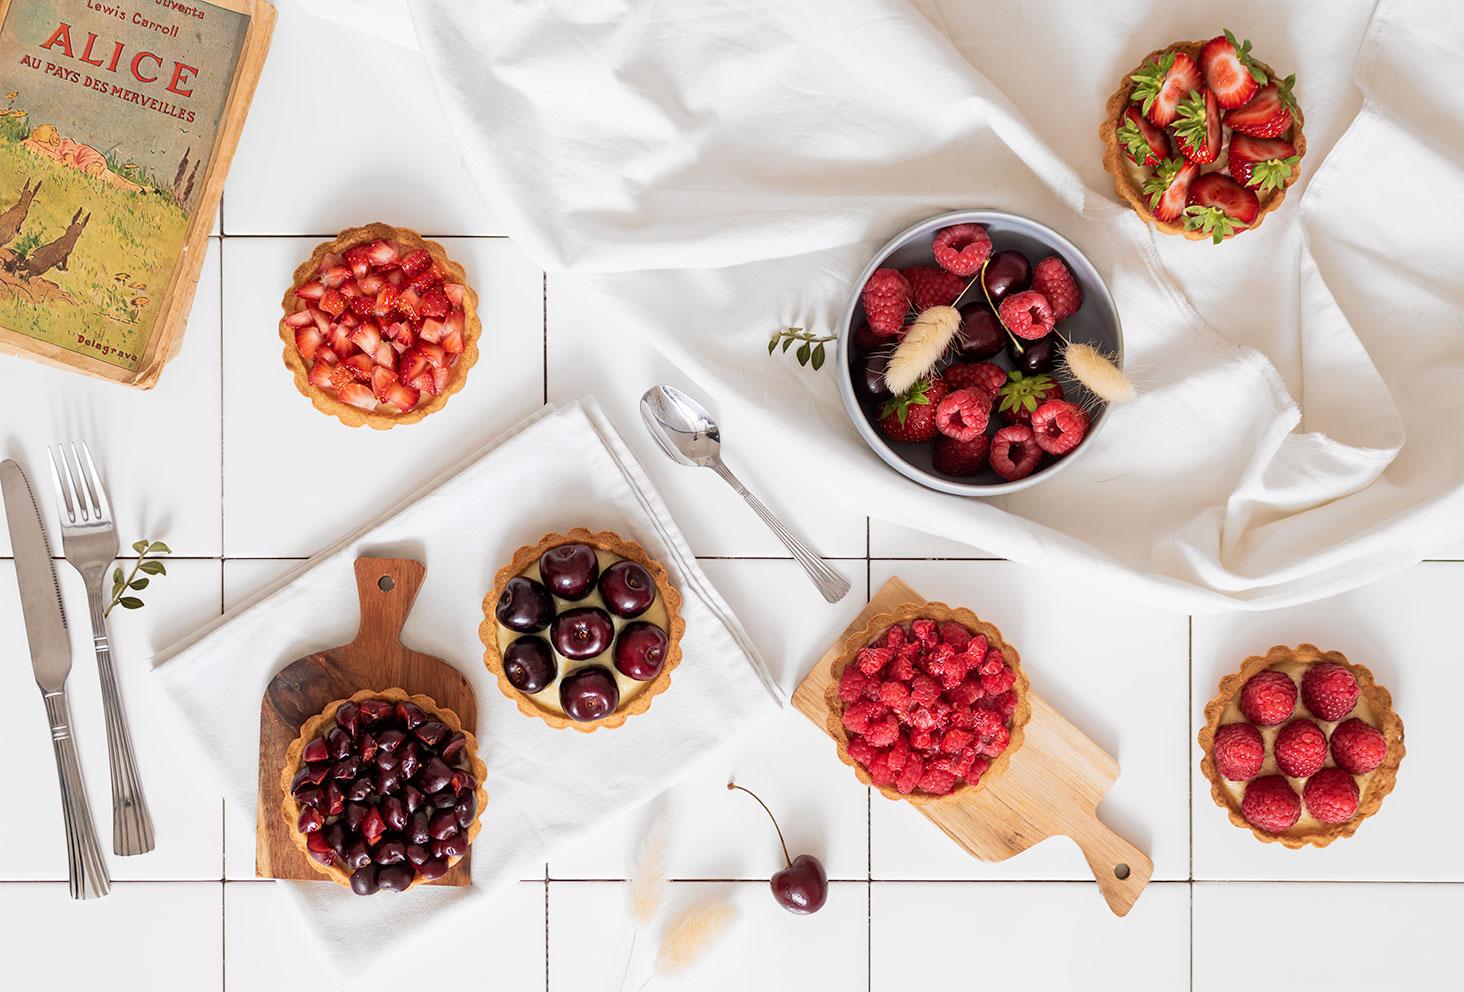 Des tartelettes aux fruits rouges sur un fond en carrelage blanc avec des couverts et des planches à découper en bois